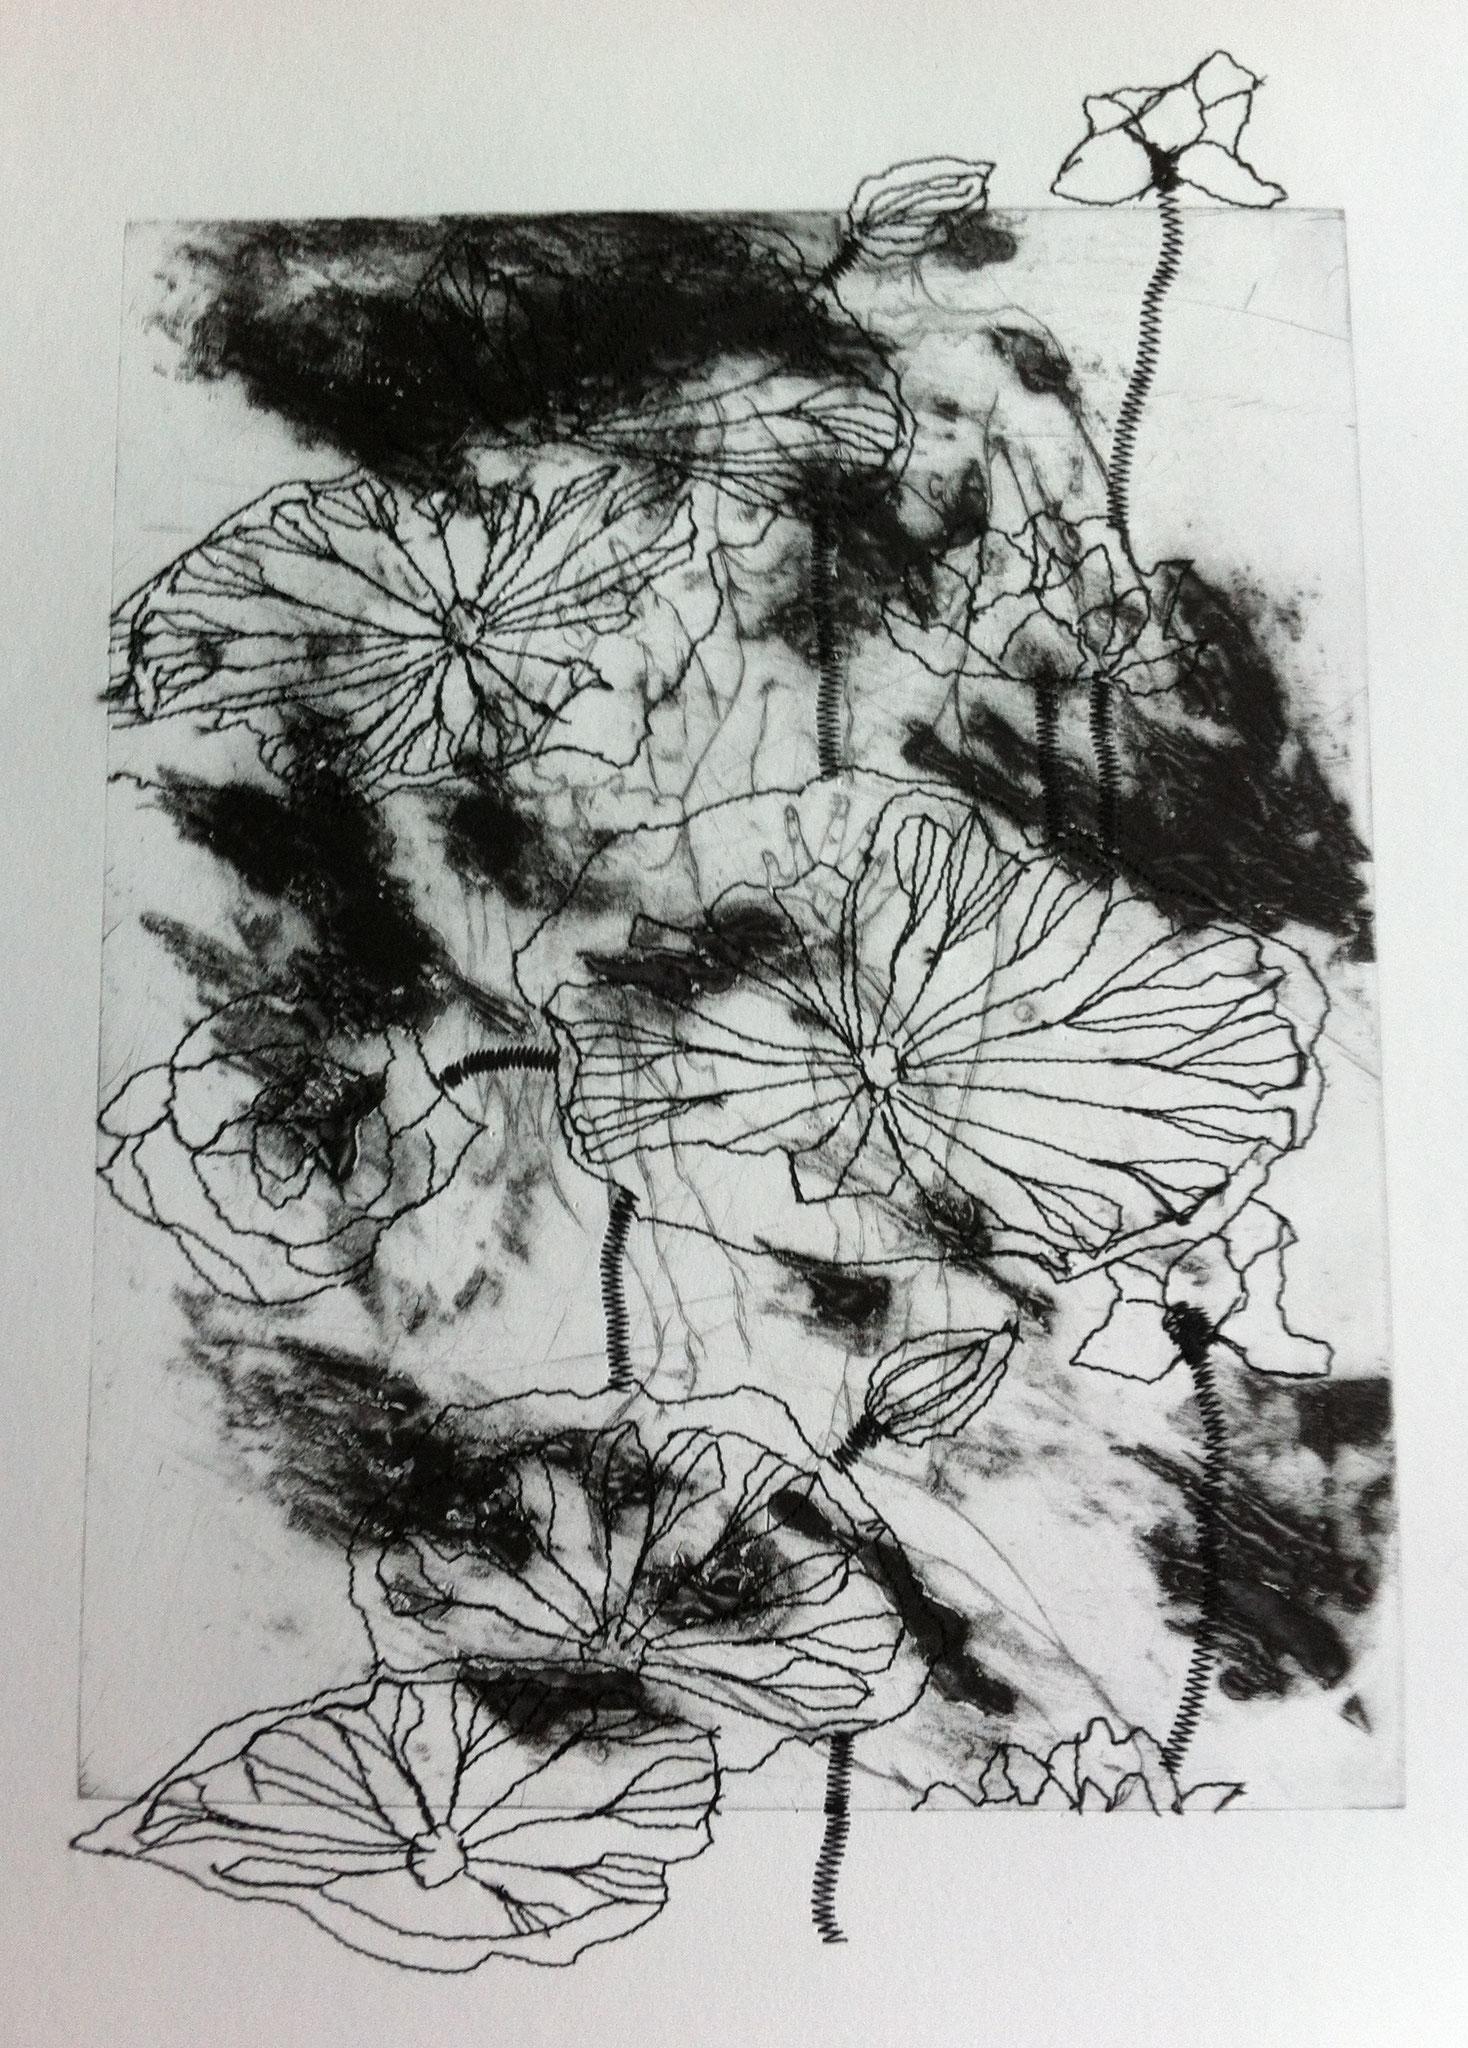 Les Ombelles - Pointe sèche et carborundum sur rhénalon, couture - 2014